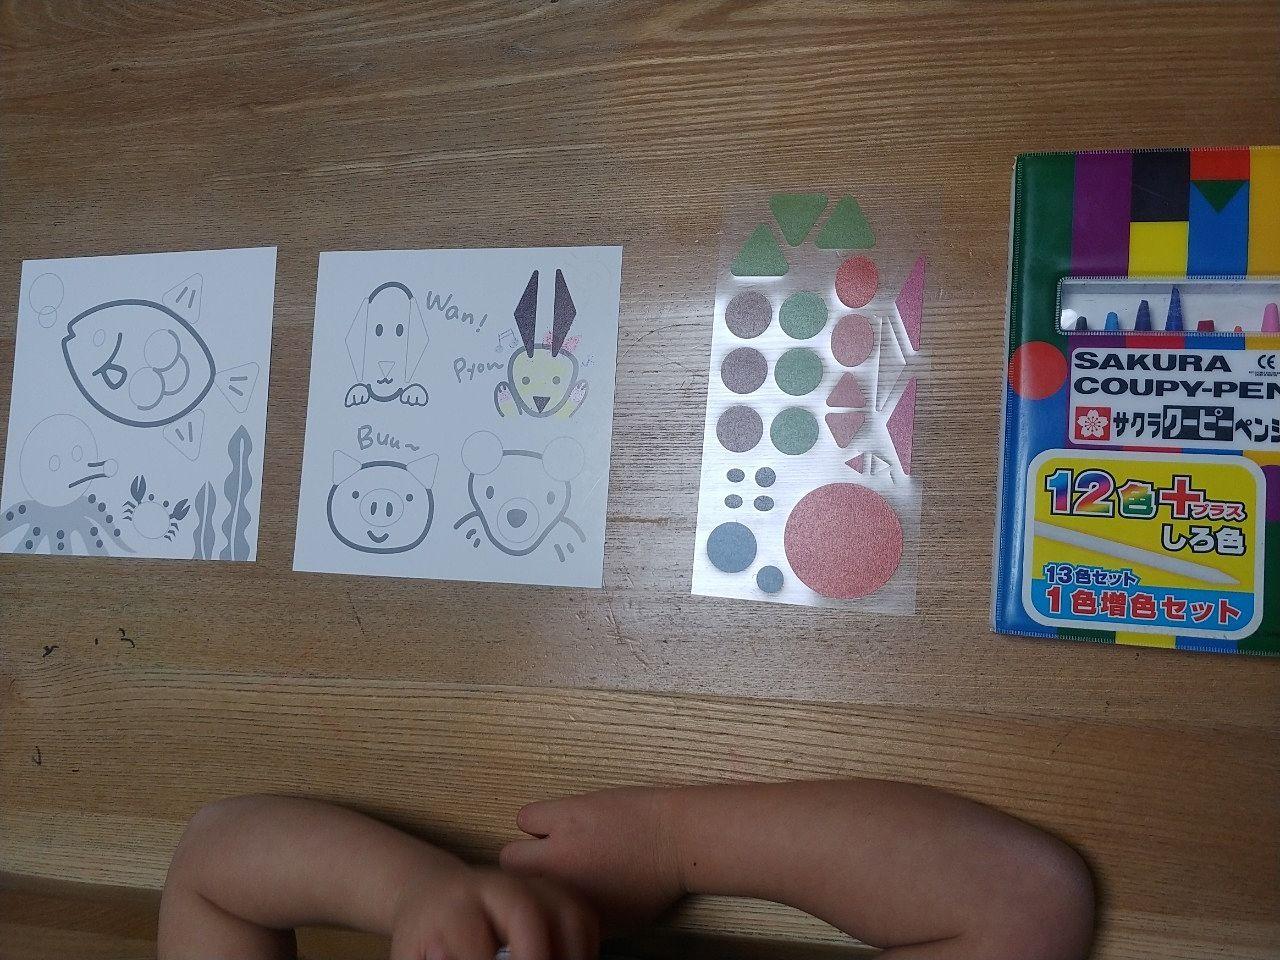 小さなお子さんも楽しめる マスキングテープ工作✩